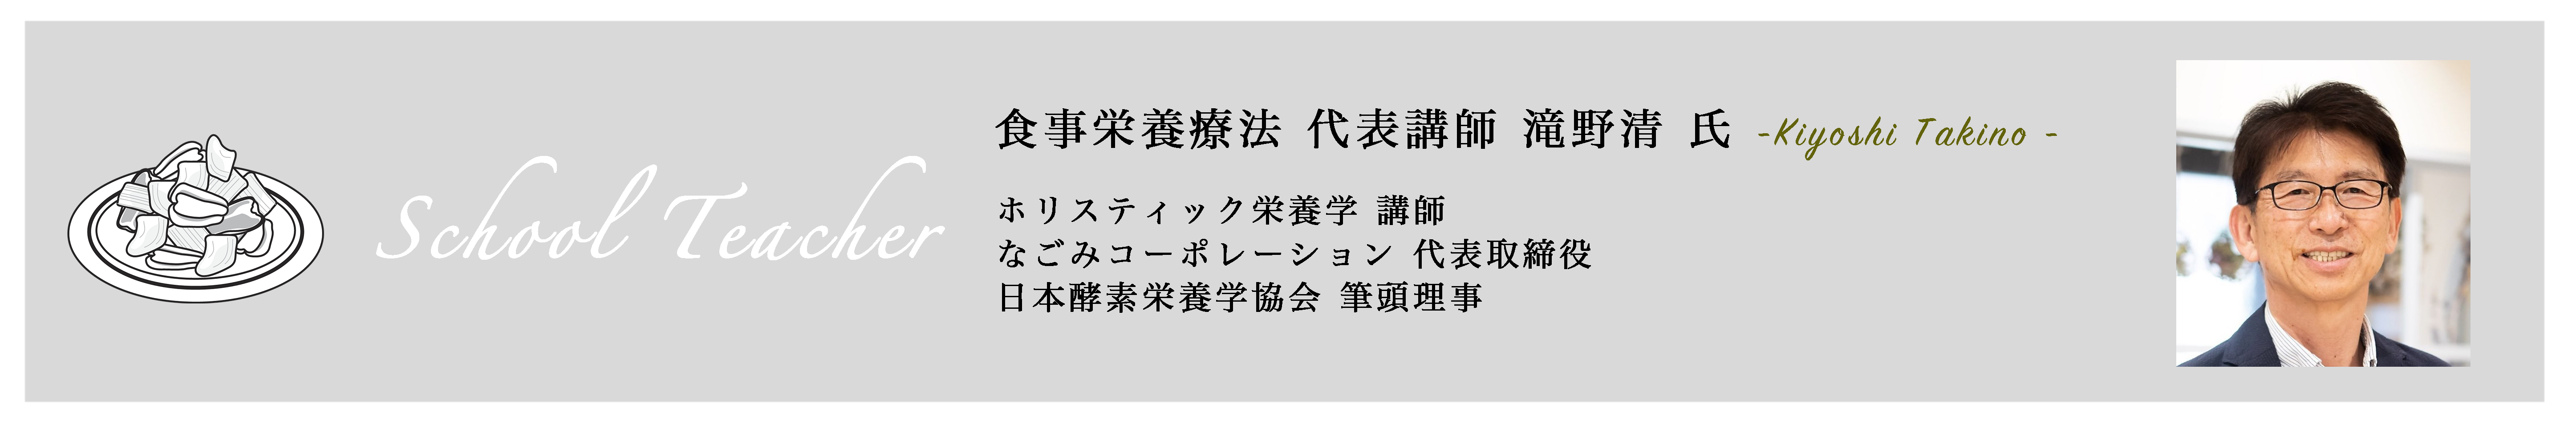 食事栄養療法 代表講師 滝野清 氏